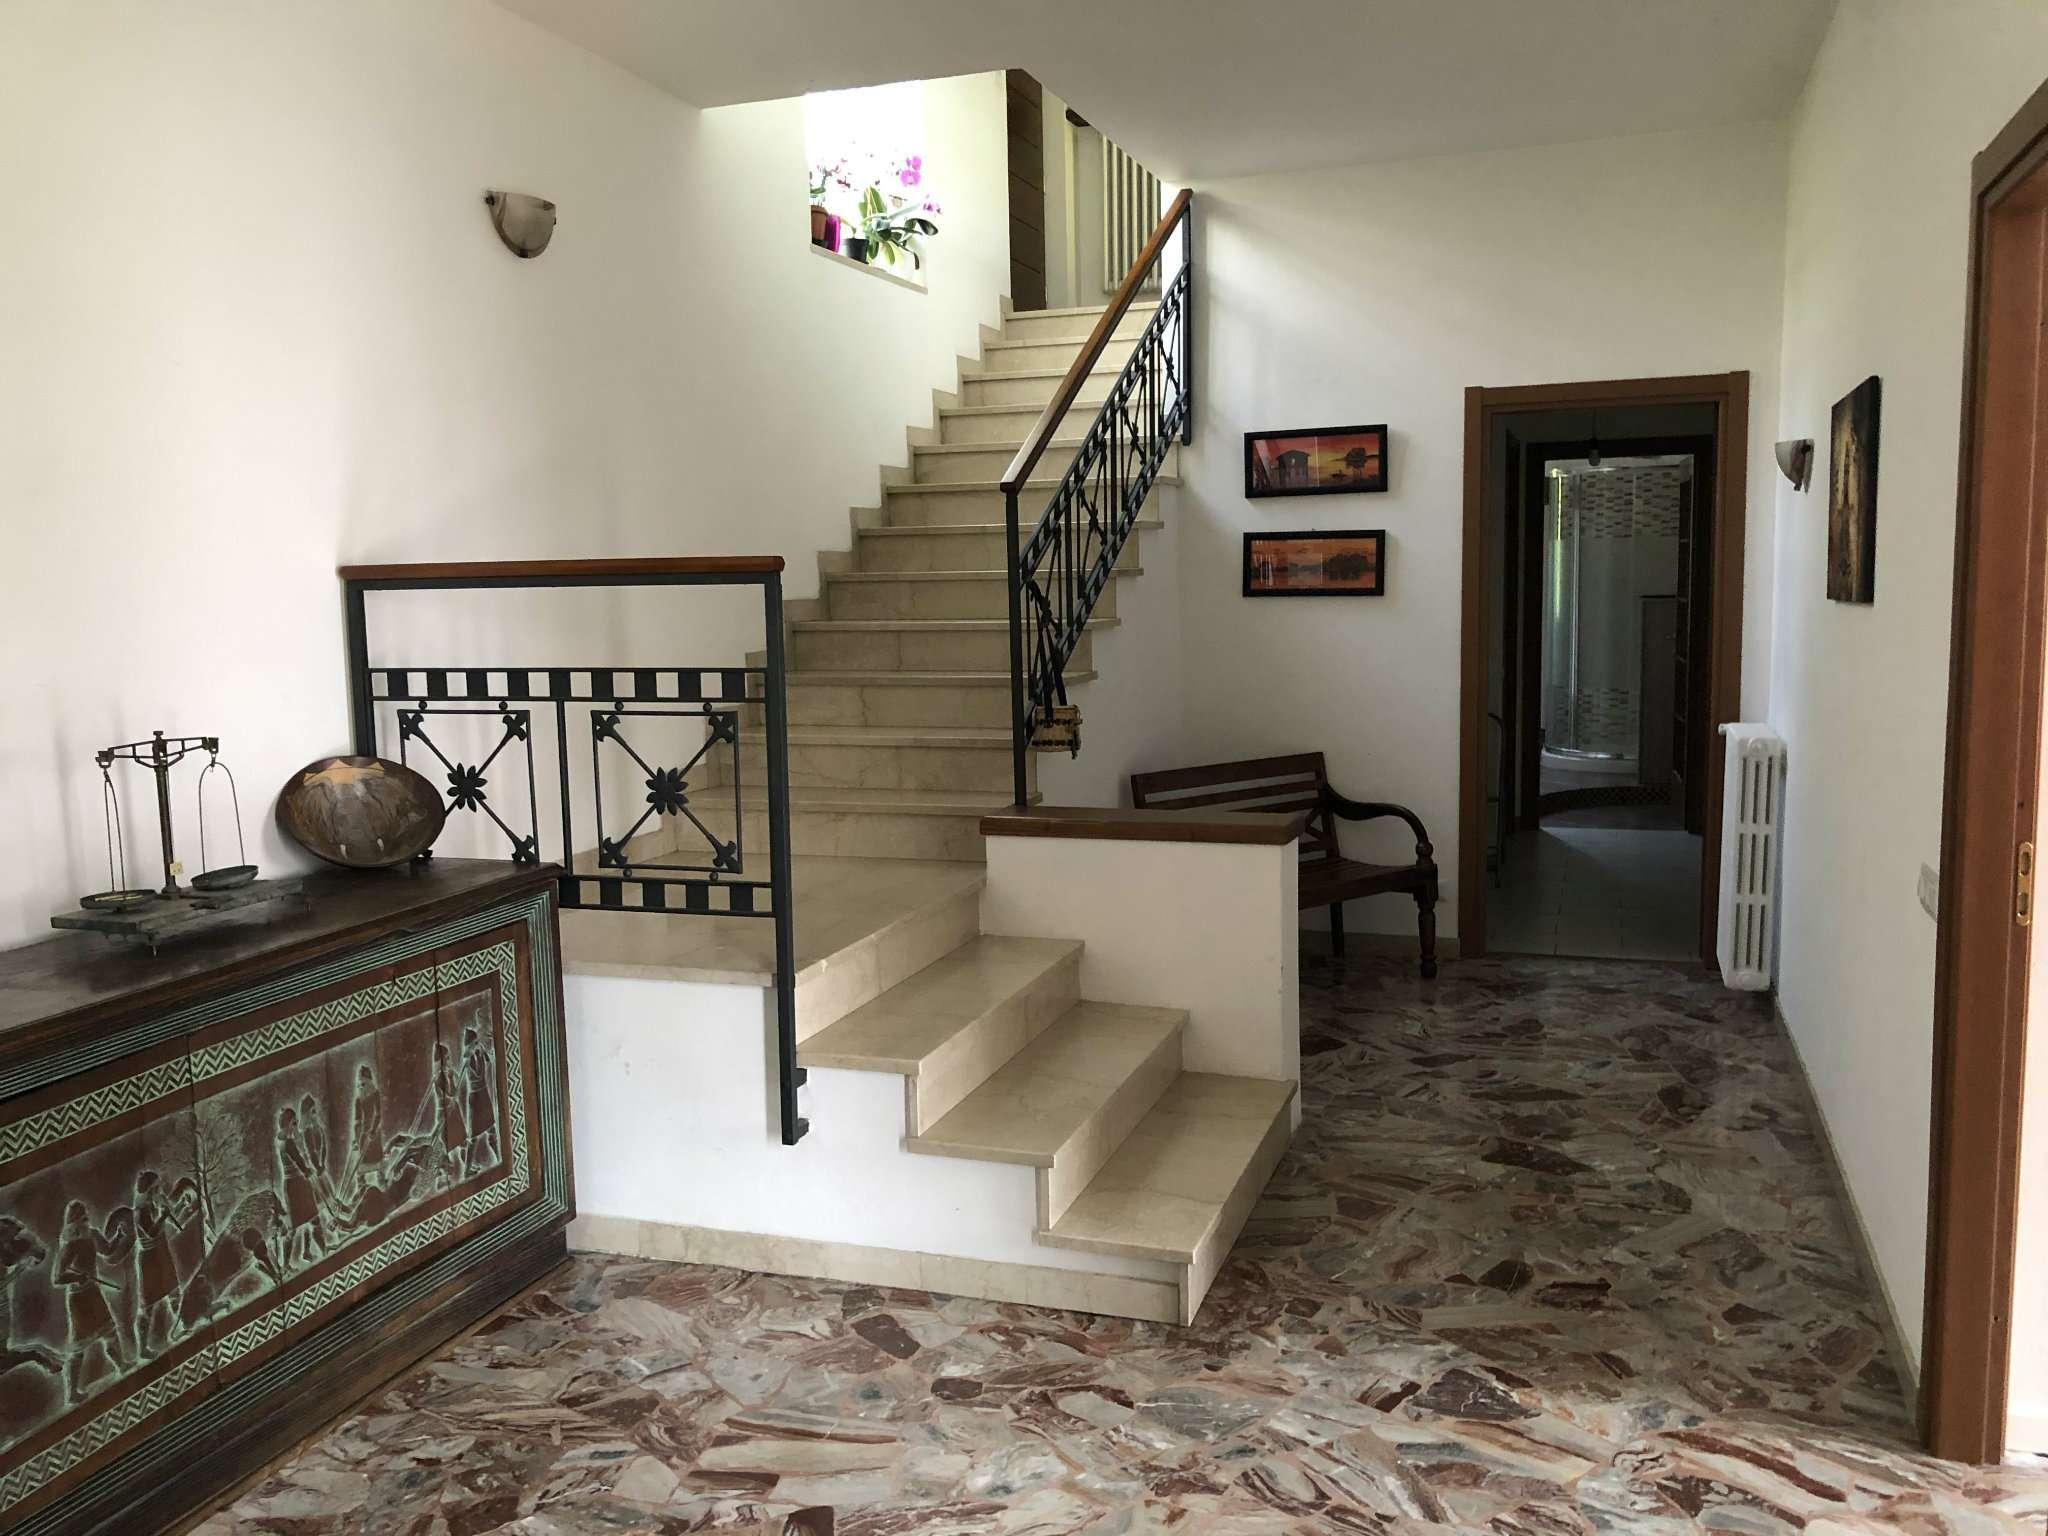 Villa in vendita a Caravate, 11 locali, prezzo € 315.000 | CambioCasa.it